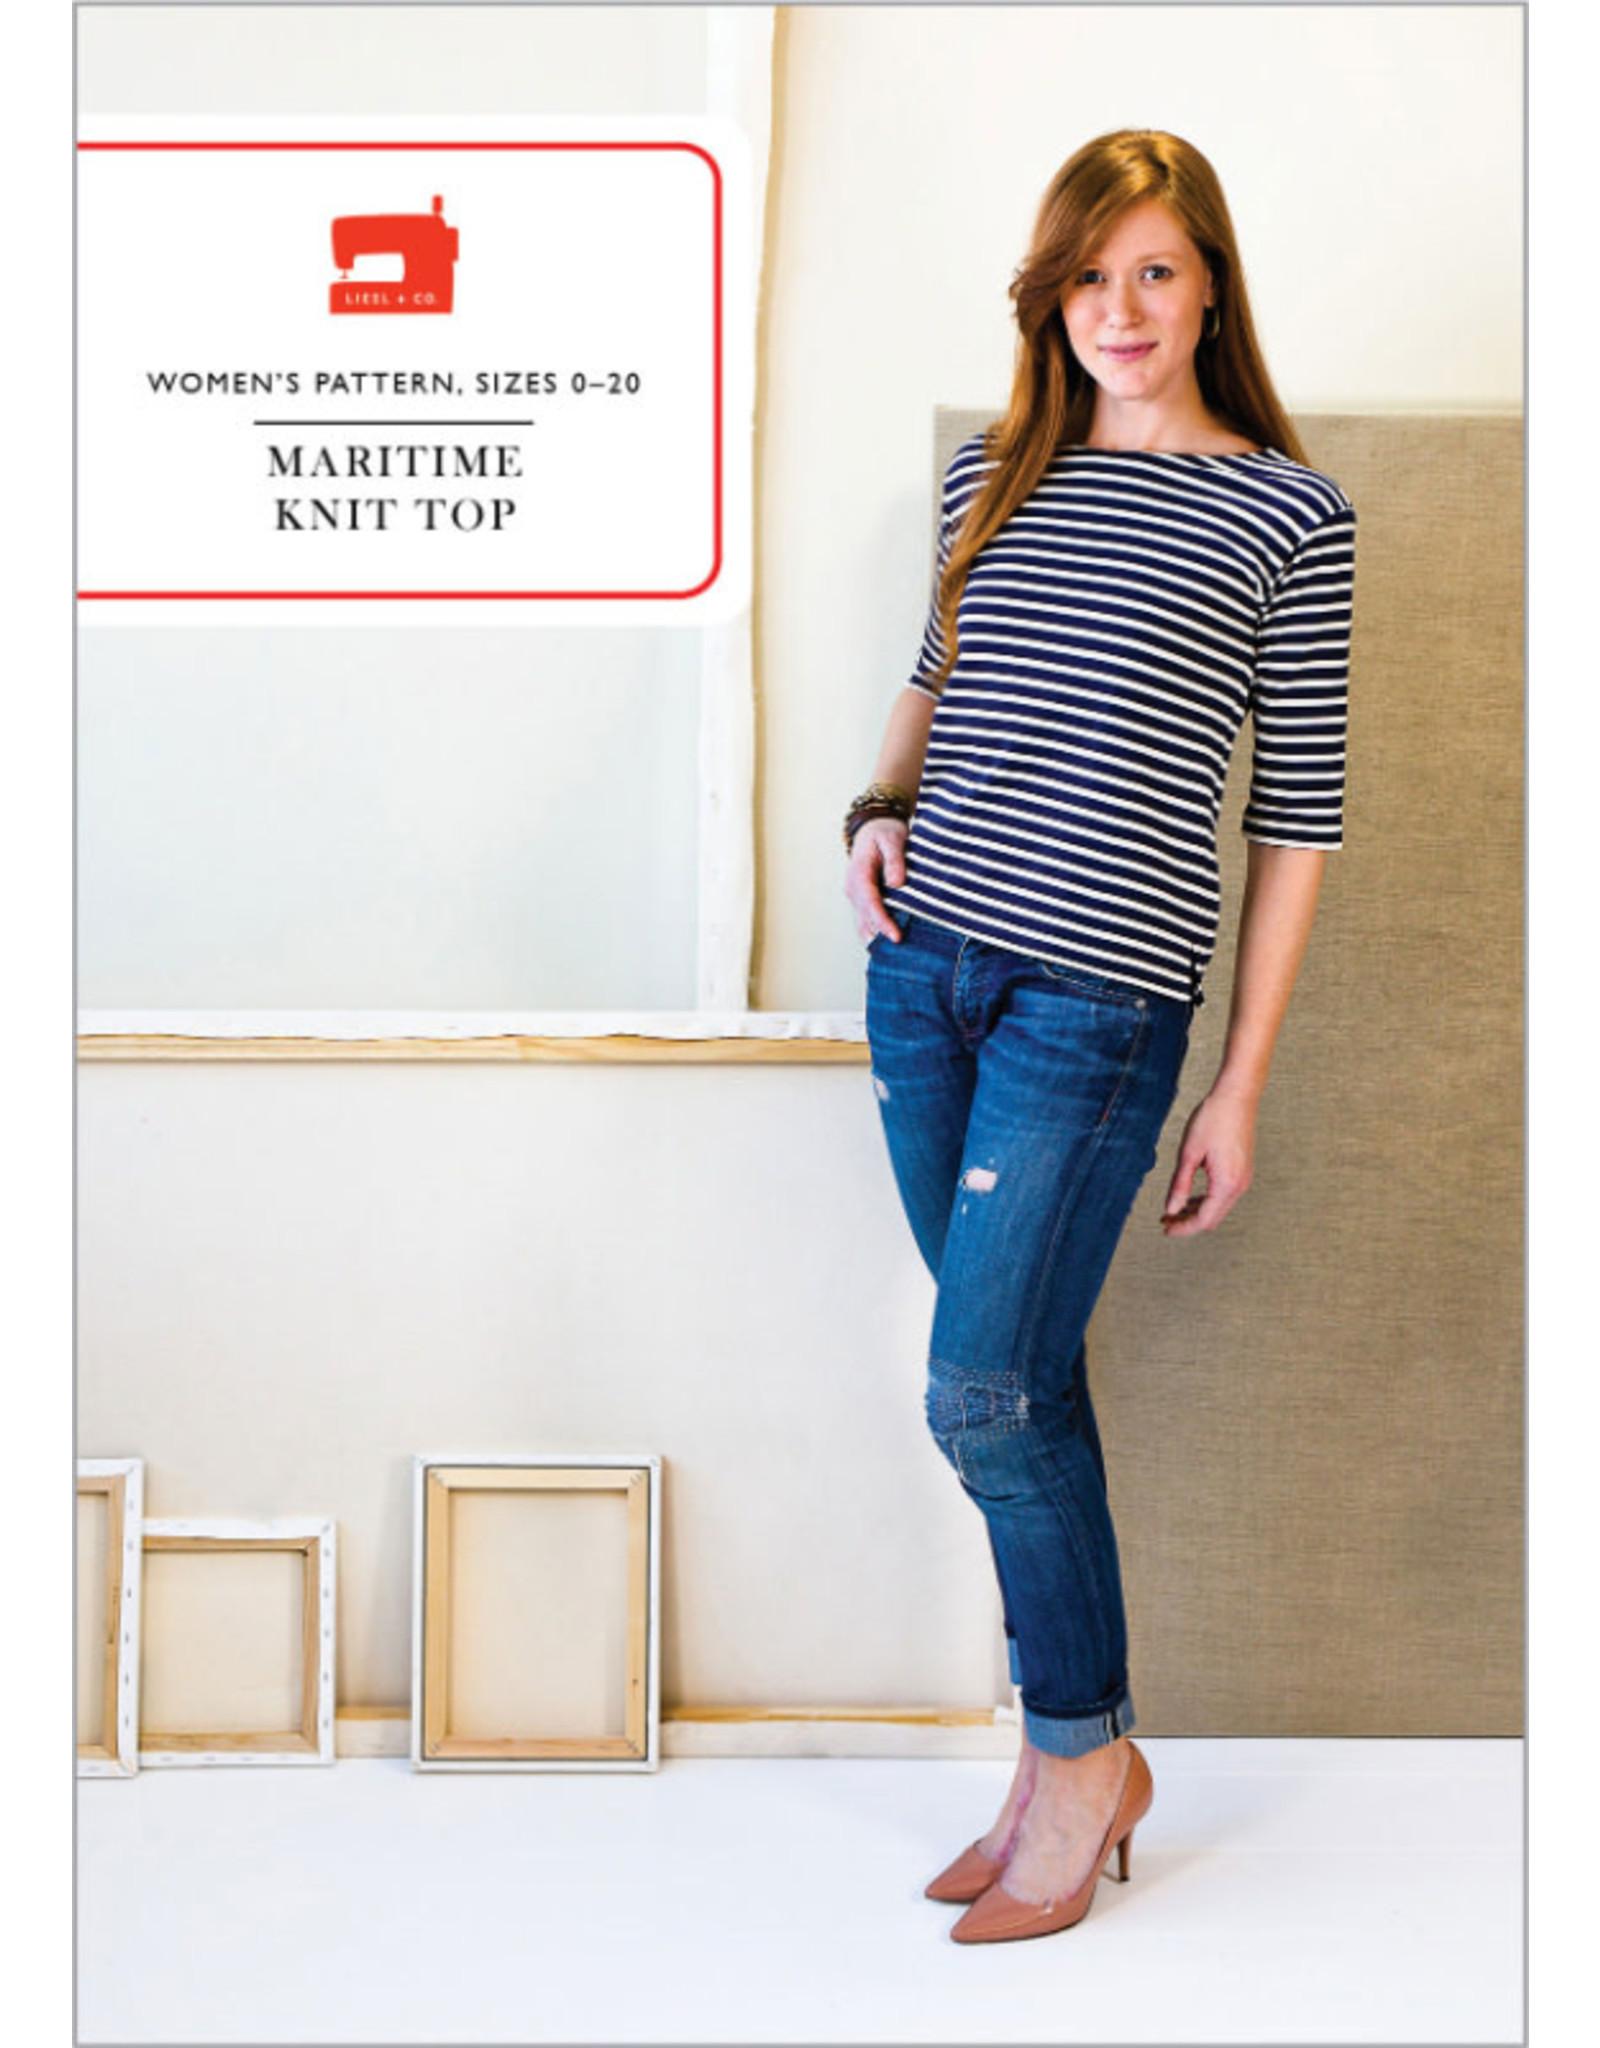 Liesl+Co. Liesl+Co's Maritime Knit Top Pattern